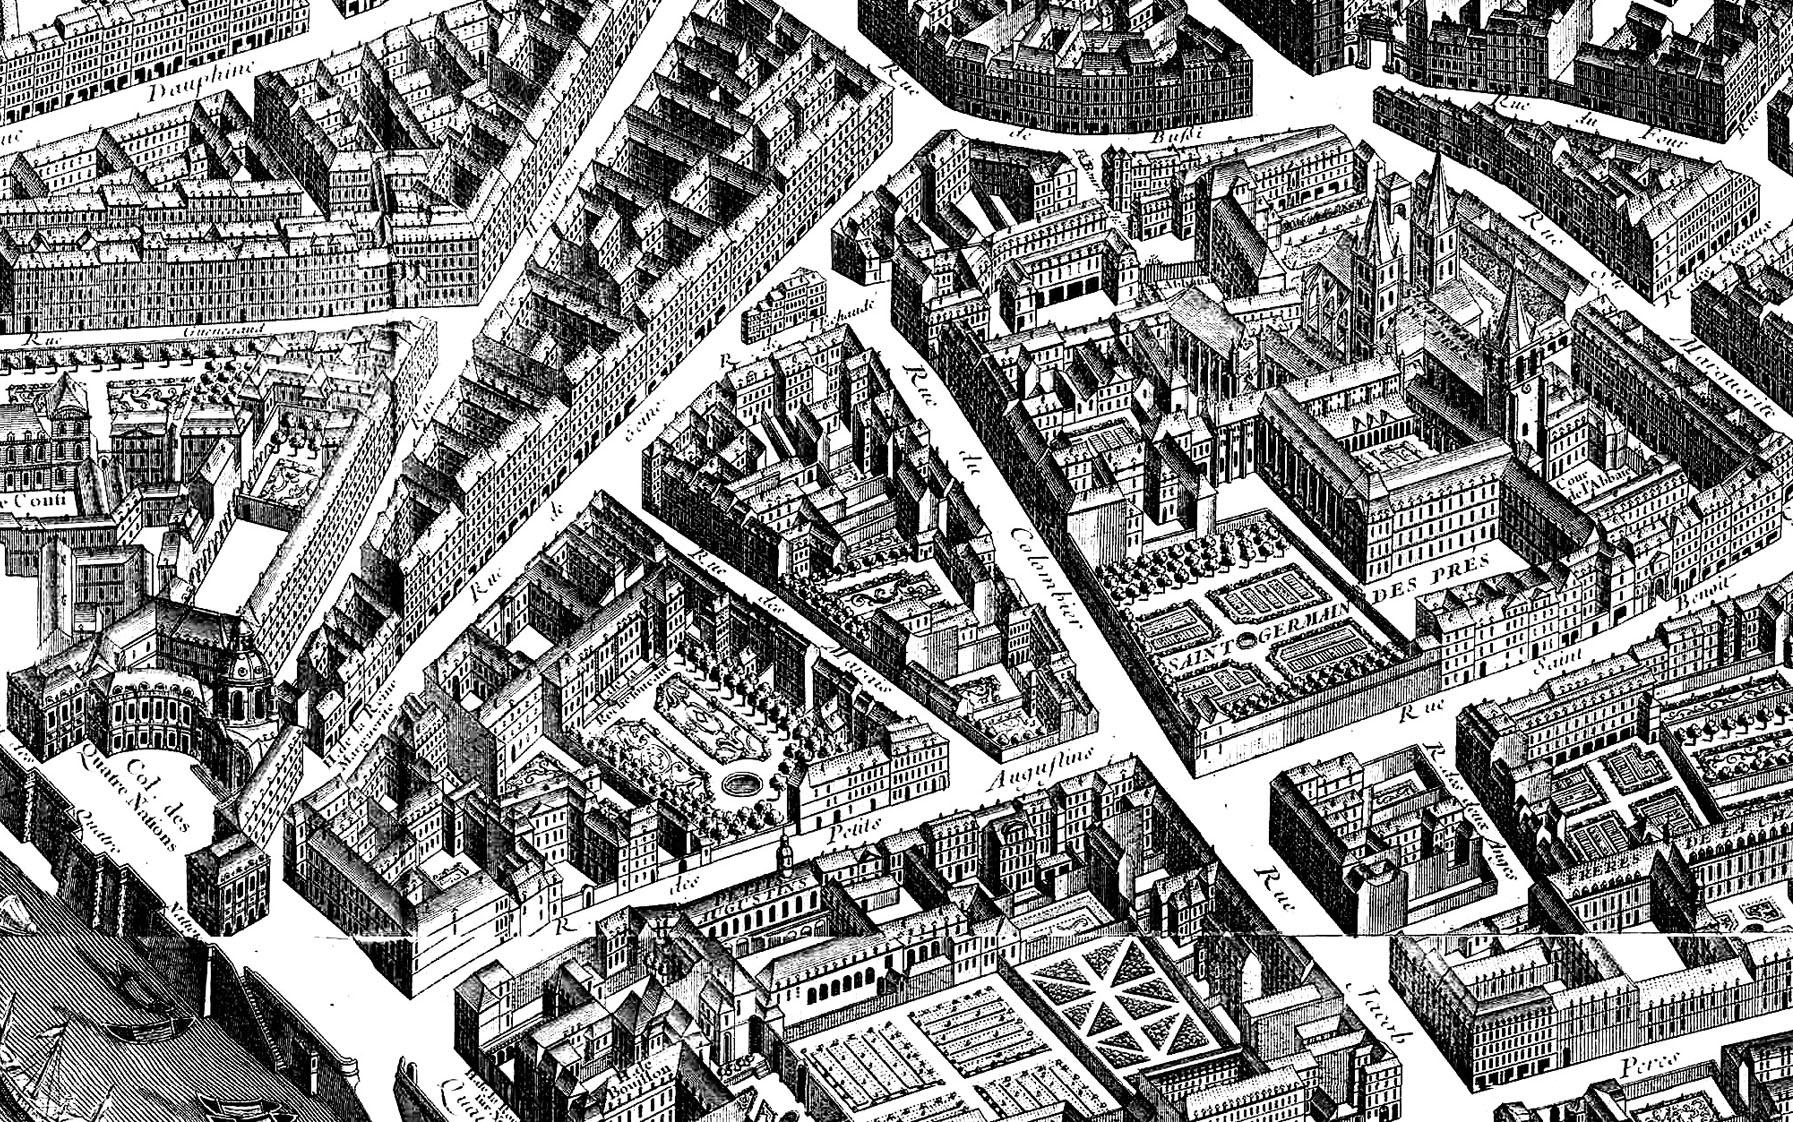 Coloriage adulte difficile réalisé à partir d'un plan en coupe d'un quartier de Paris, datant de 1739. Beaucoup de détails, à colorierA partir de la galerie : Paris